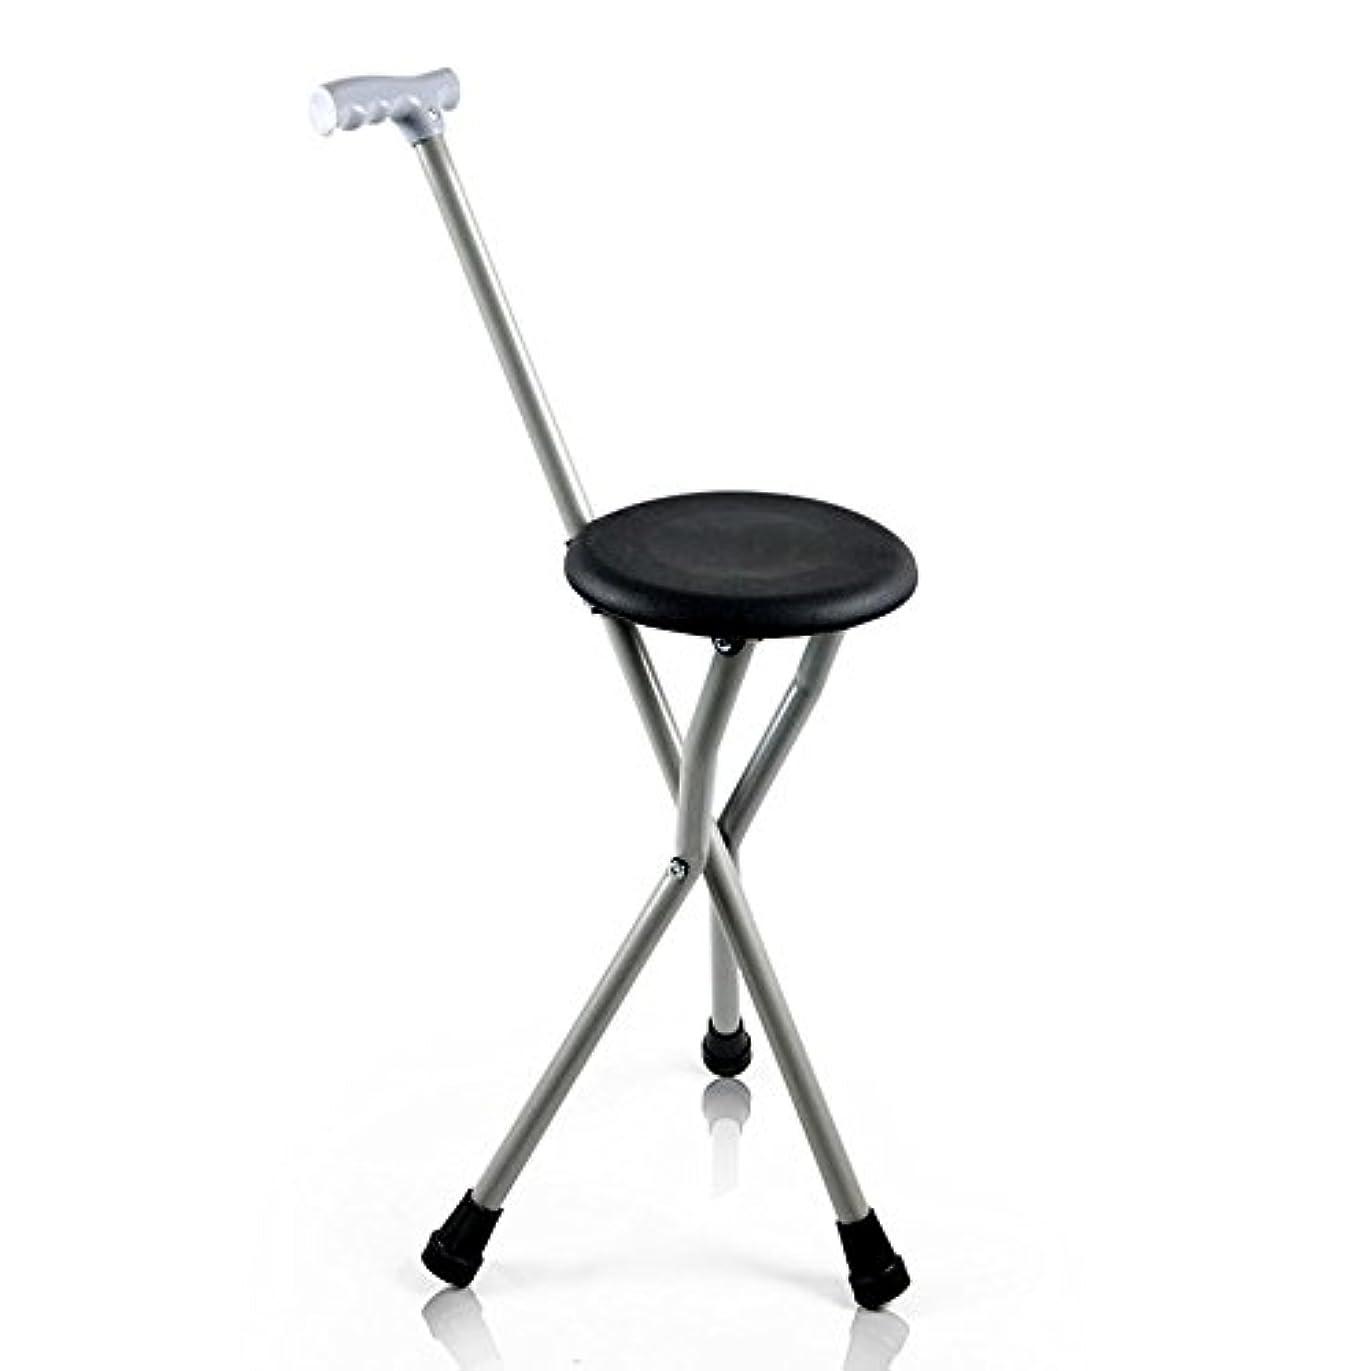 断言する船員中でアルミニウム合金の椅子三脚歩行スティックスツールウォーカーオールドマン軽量折りたたみノンスリップウォーキングスティック,Grey